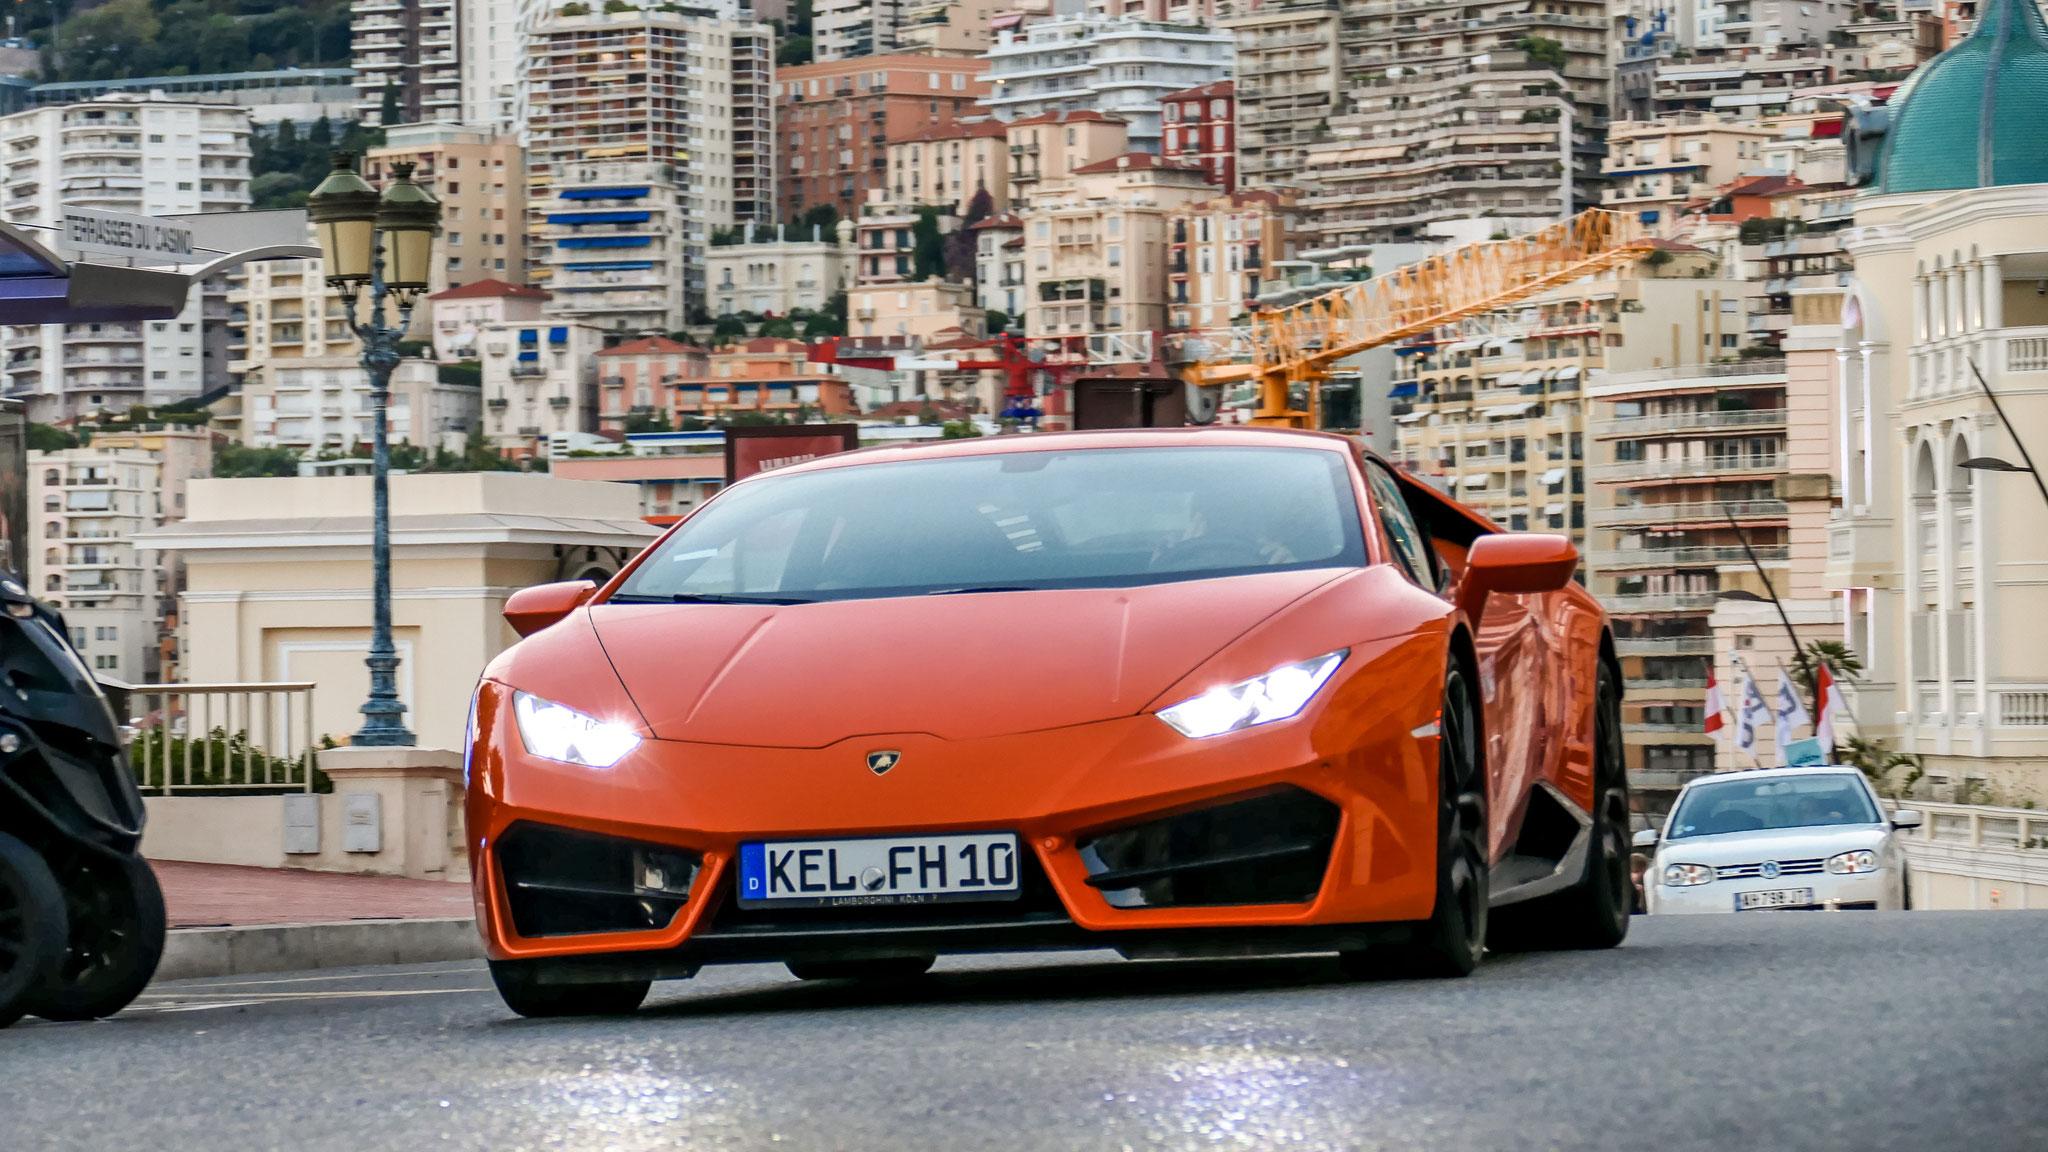 Lamborghini Huracan RWD - KEL-FH-10